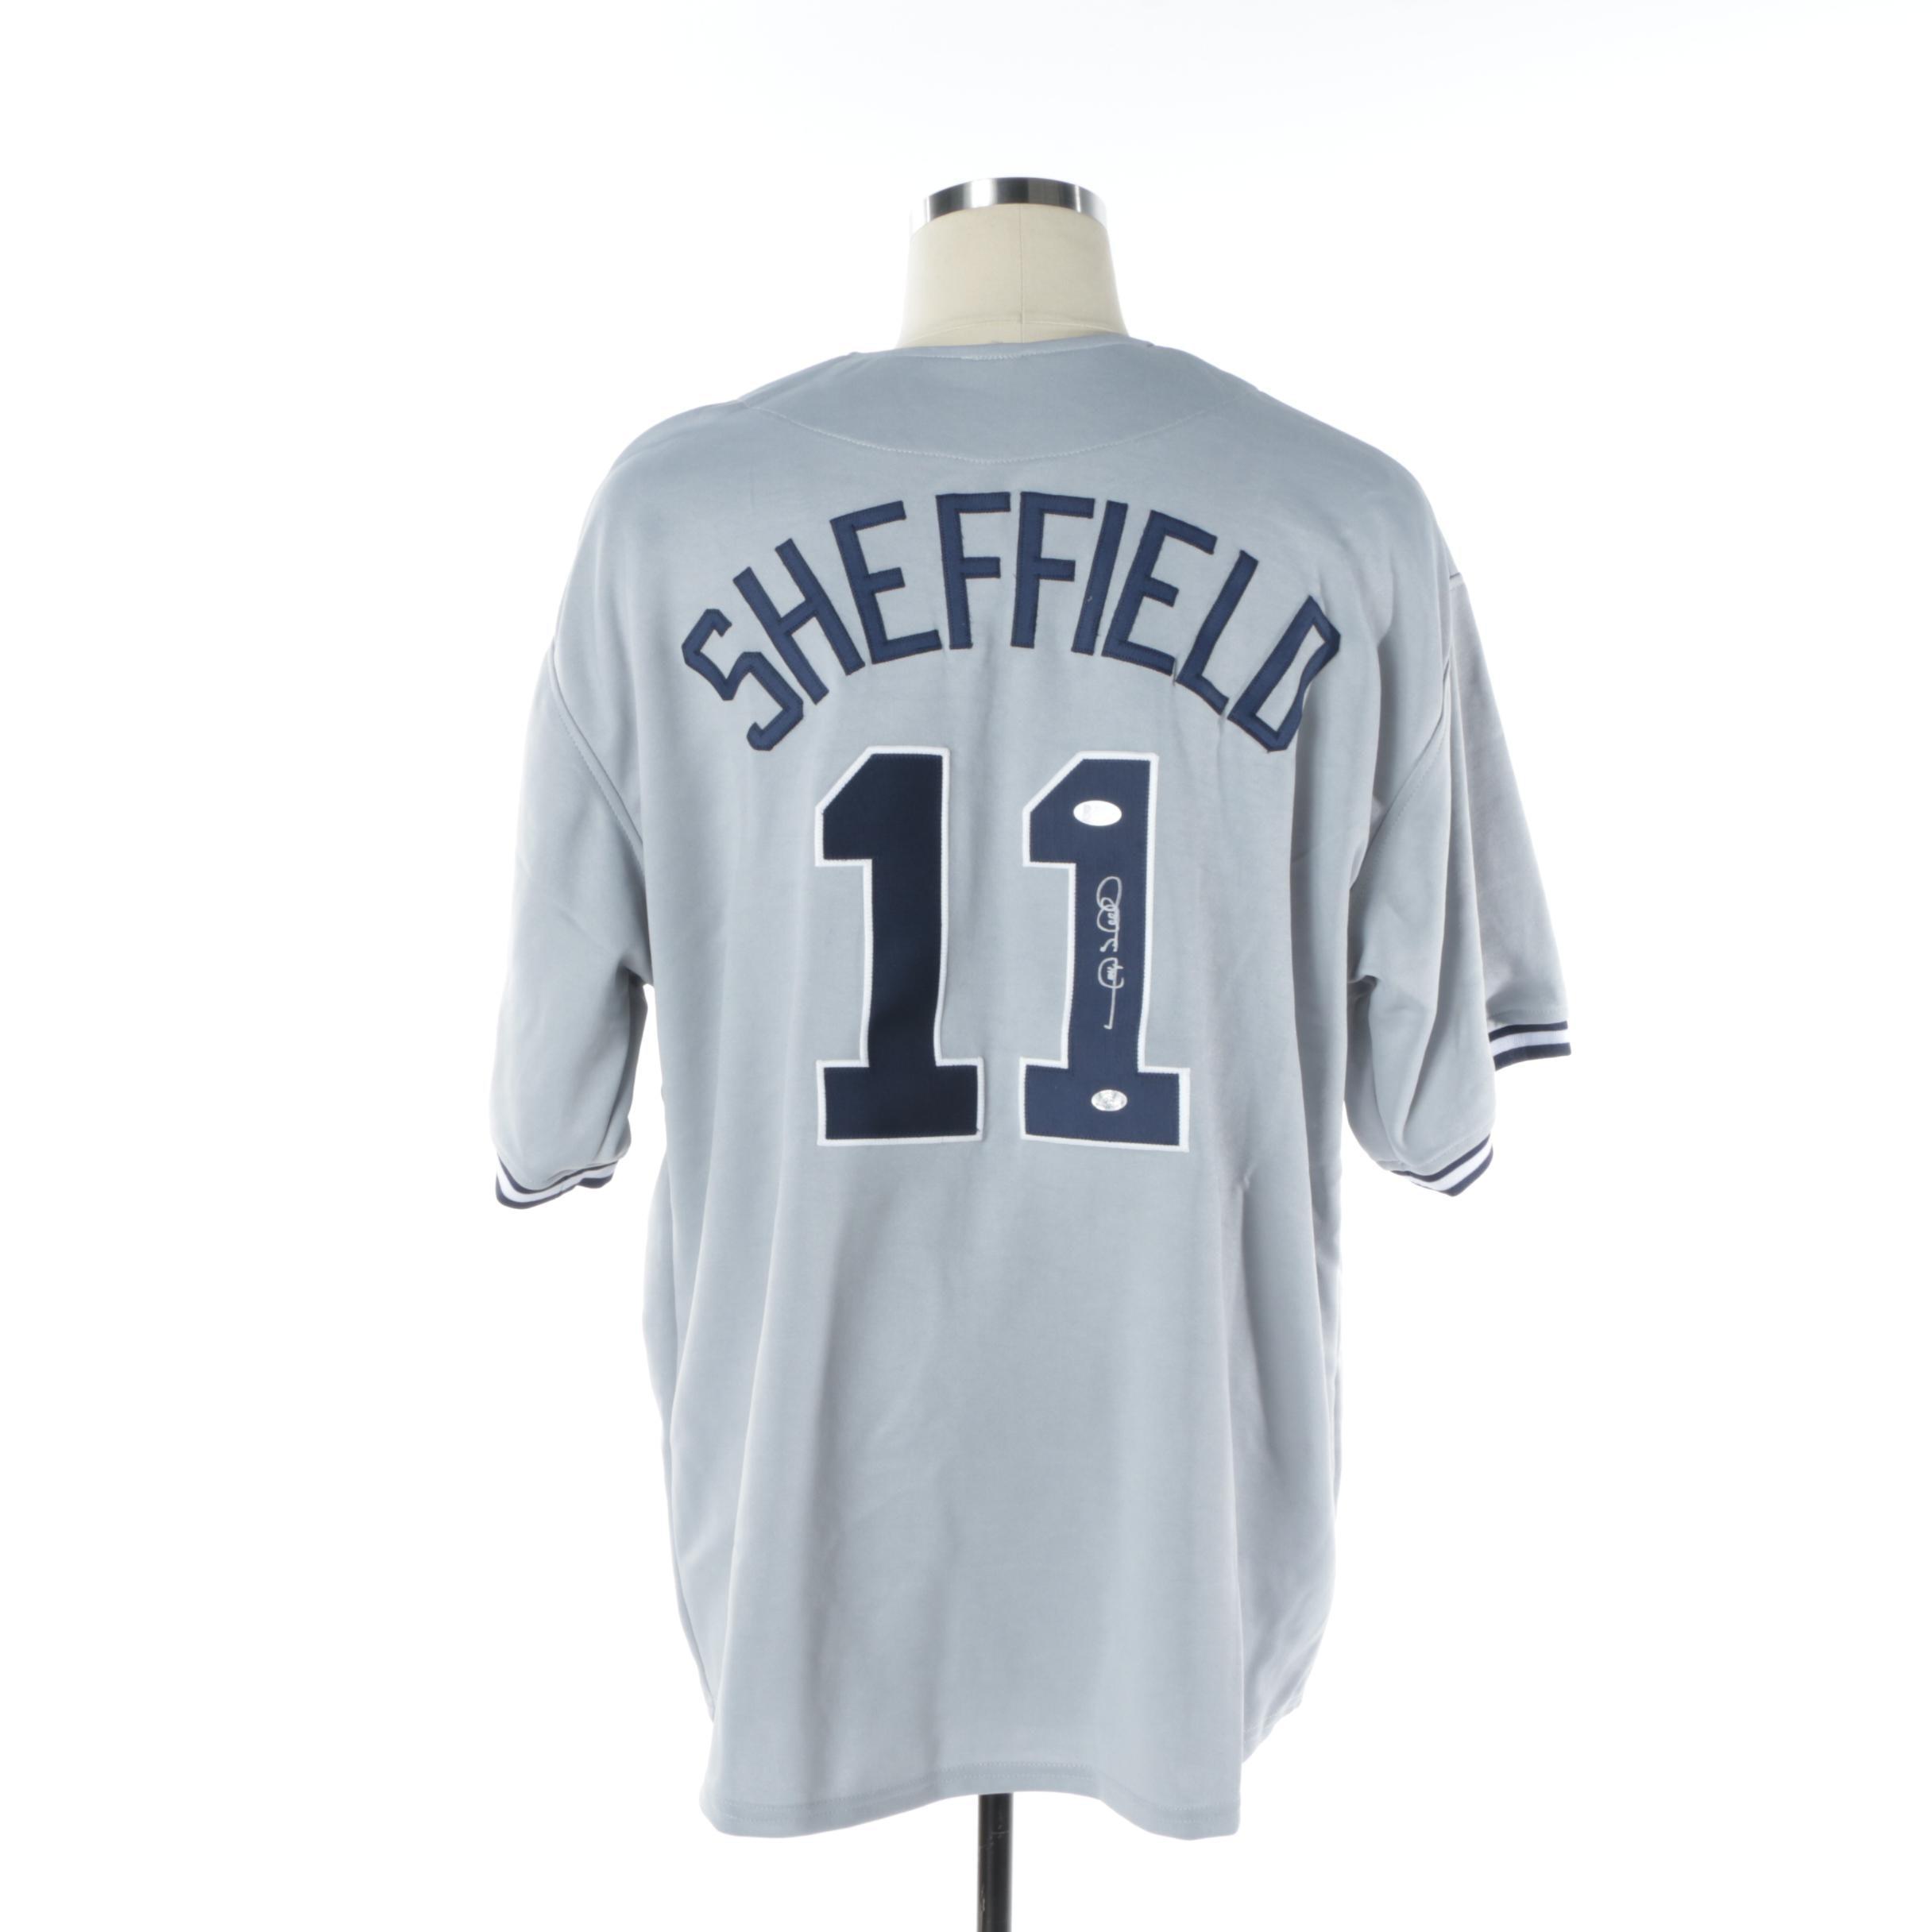 Gary Sheffield Autographed New York Yankees Jersey - Beckett COA